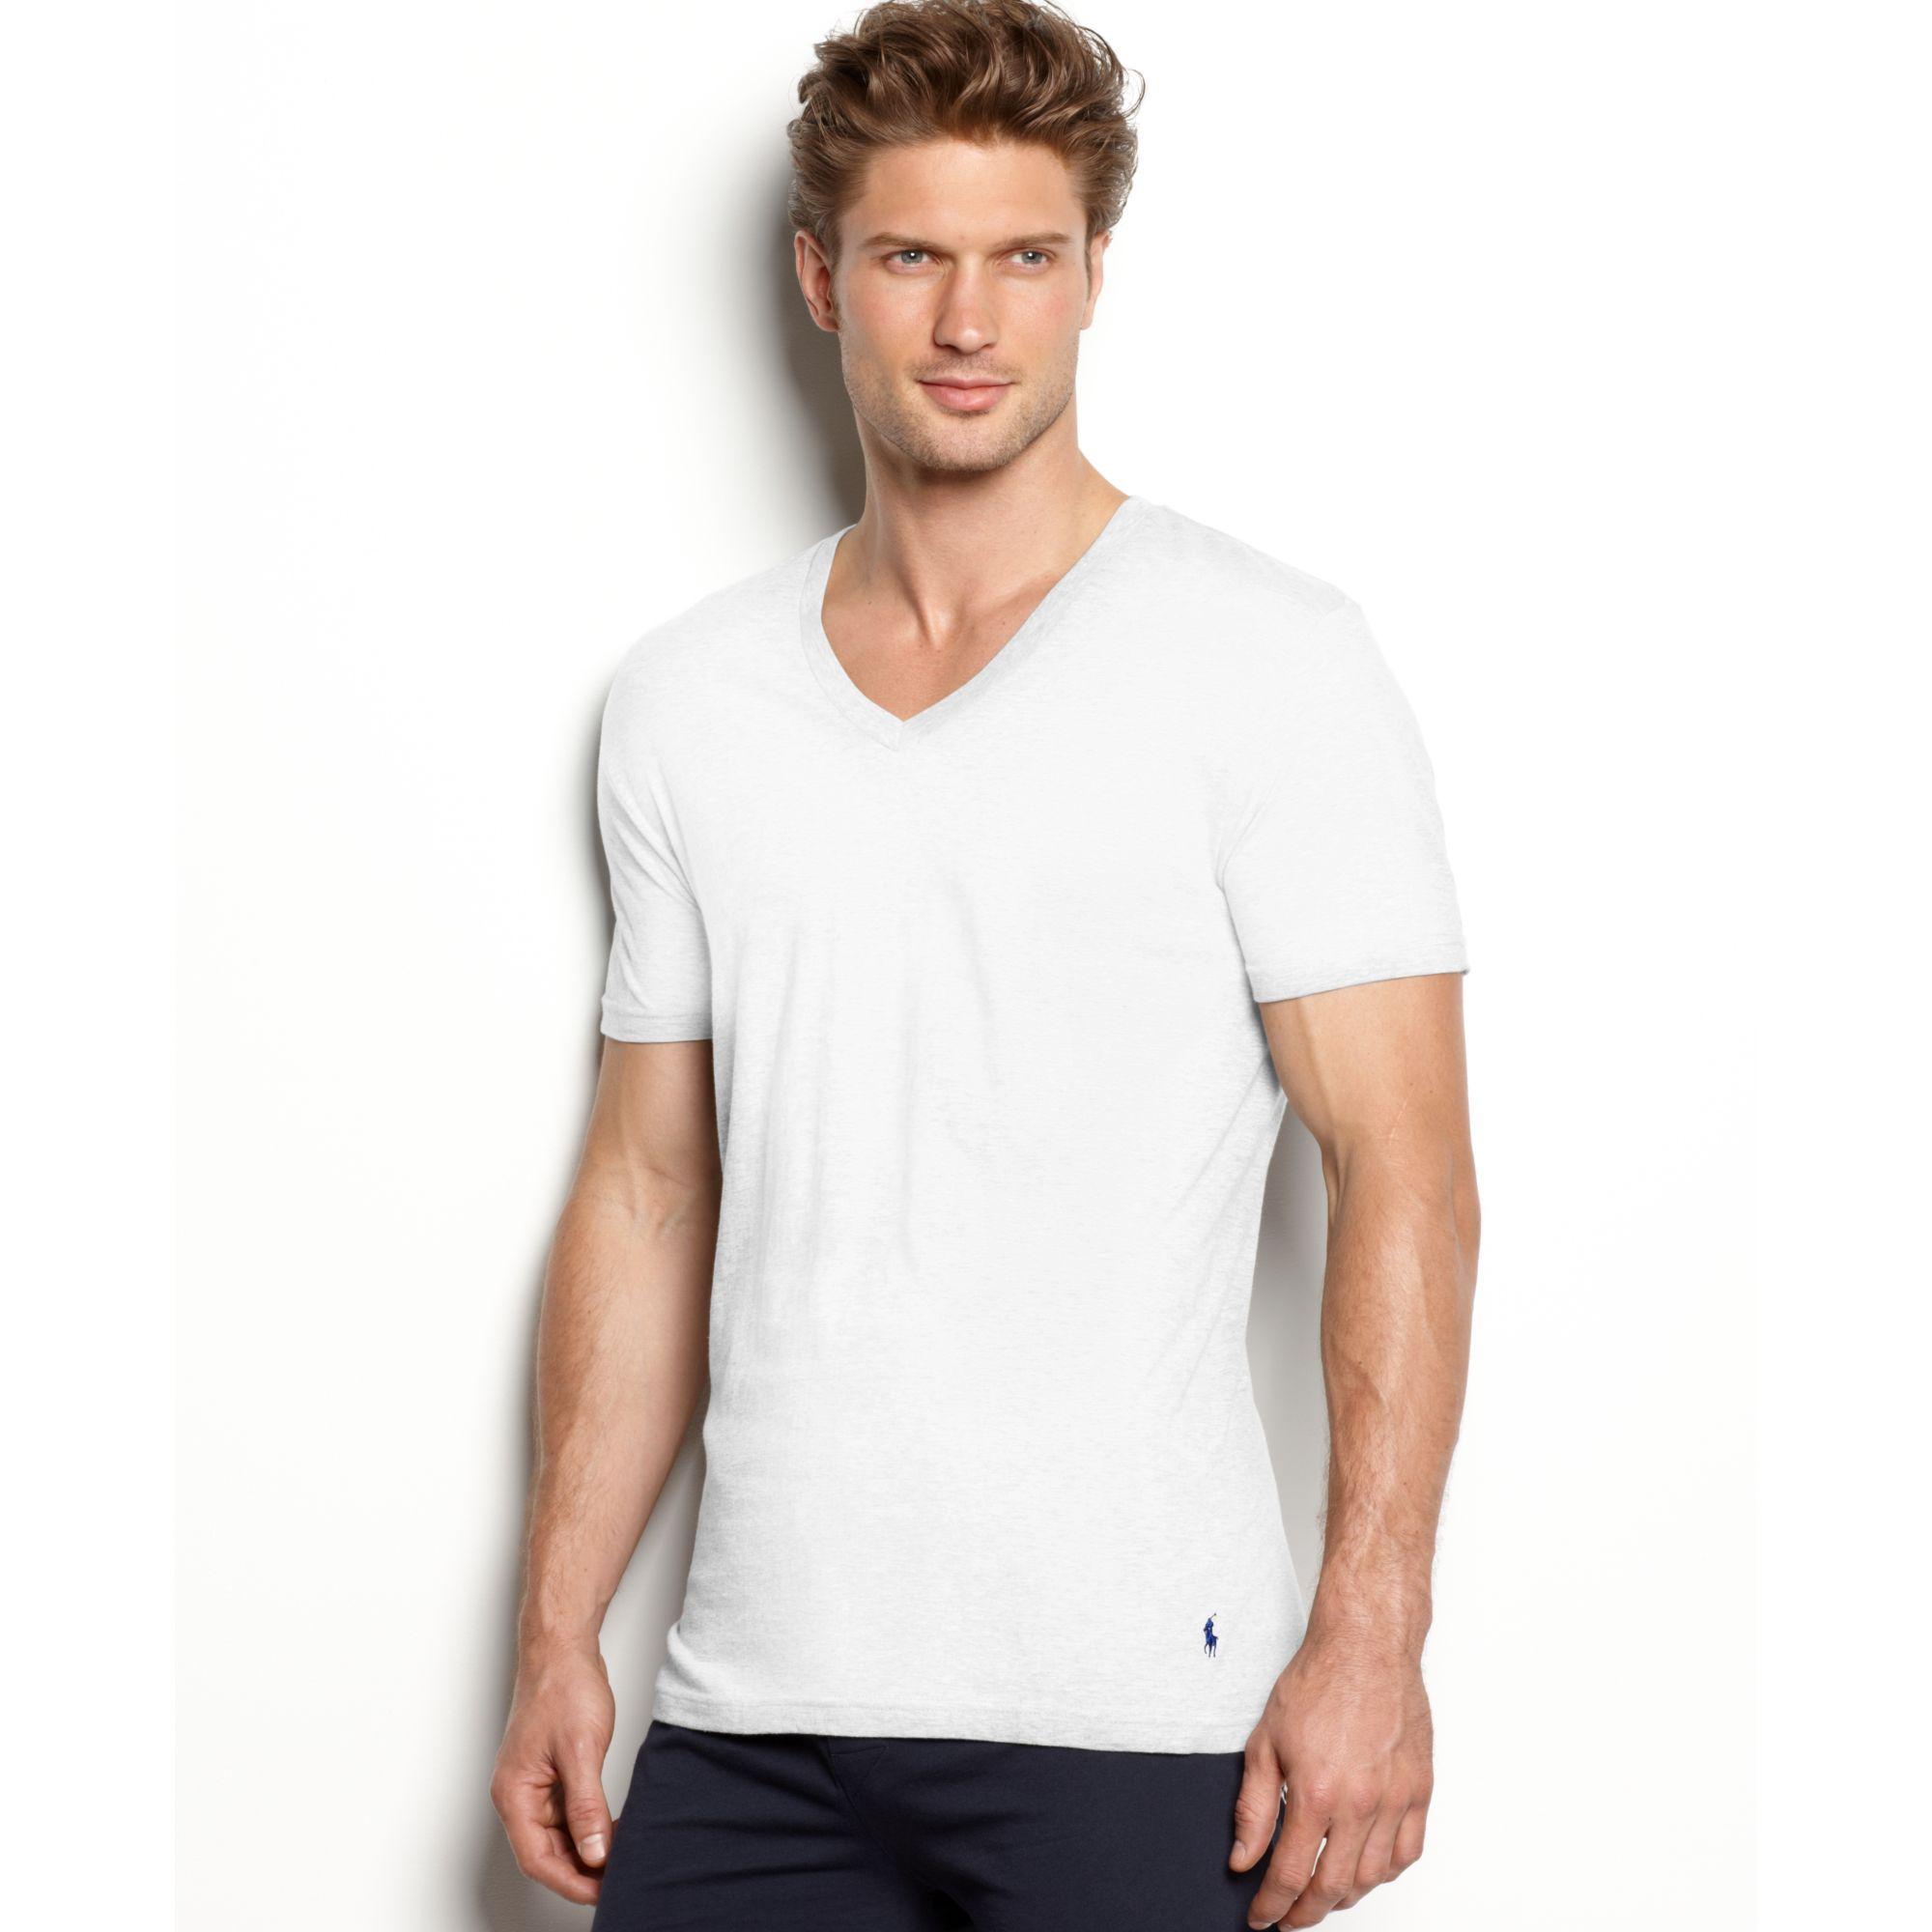 lyst ralph lauren slim fit stretch v neck t shirt 2 pack in white for men. Black Bedroom Furniture Sets. Home Design Ideas